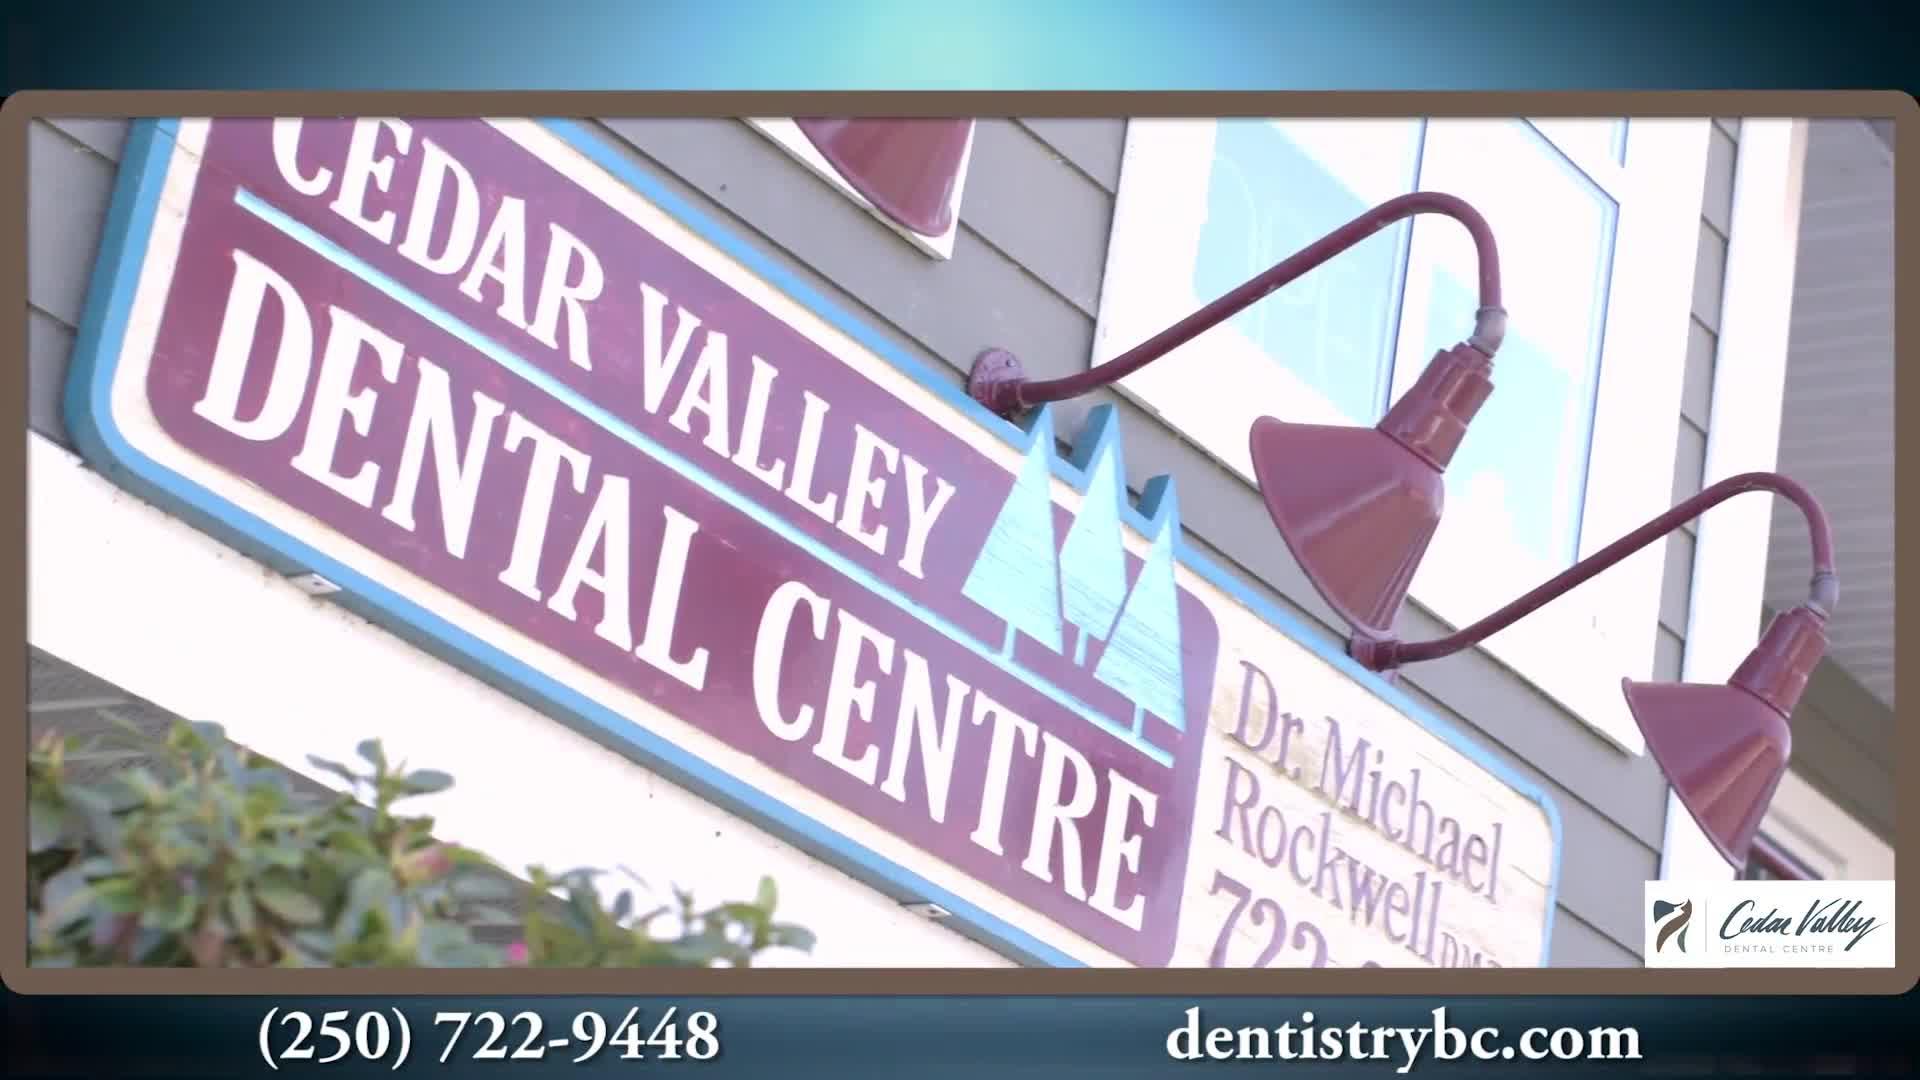 Cedar Valley Dental Centre - Dentists - 2507229448